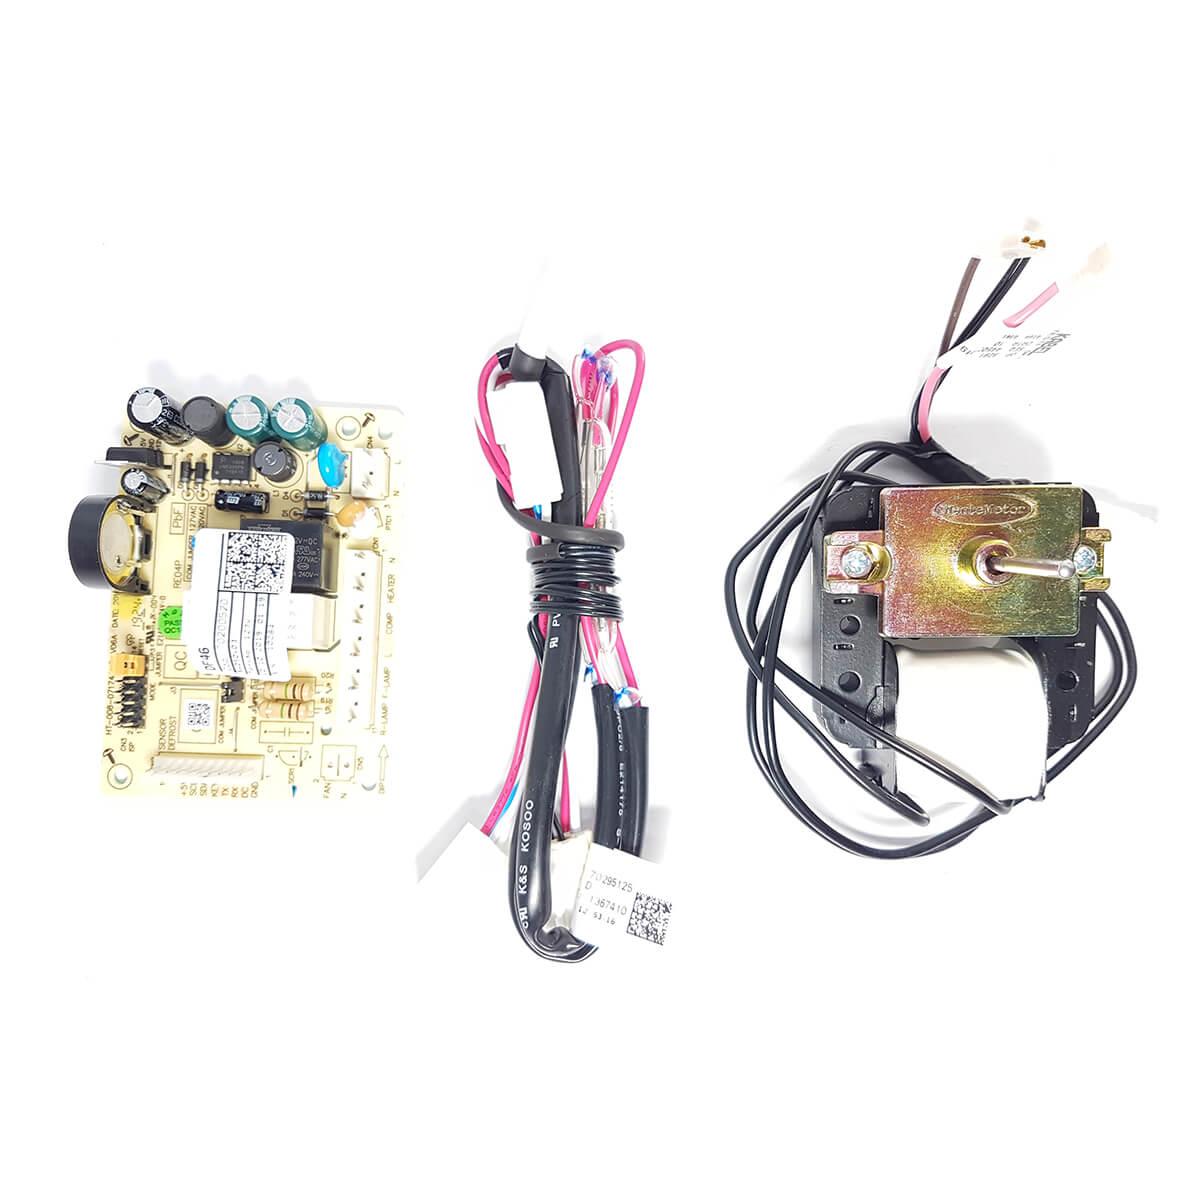 Kit Placa Sensor Ventilador Df46 Df49 127v - 70001453